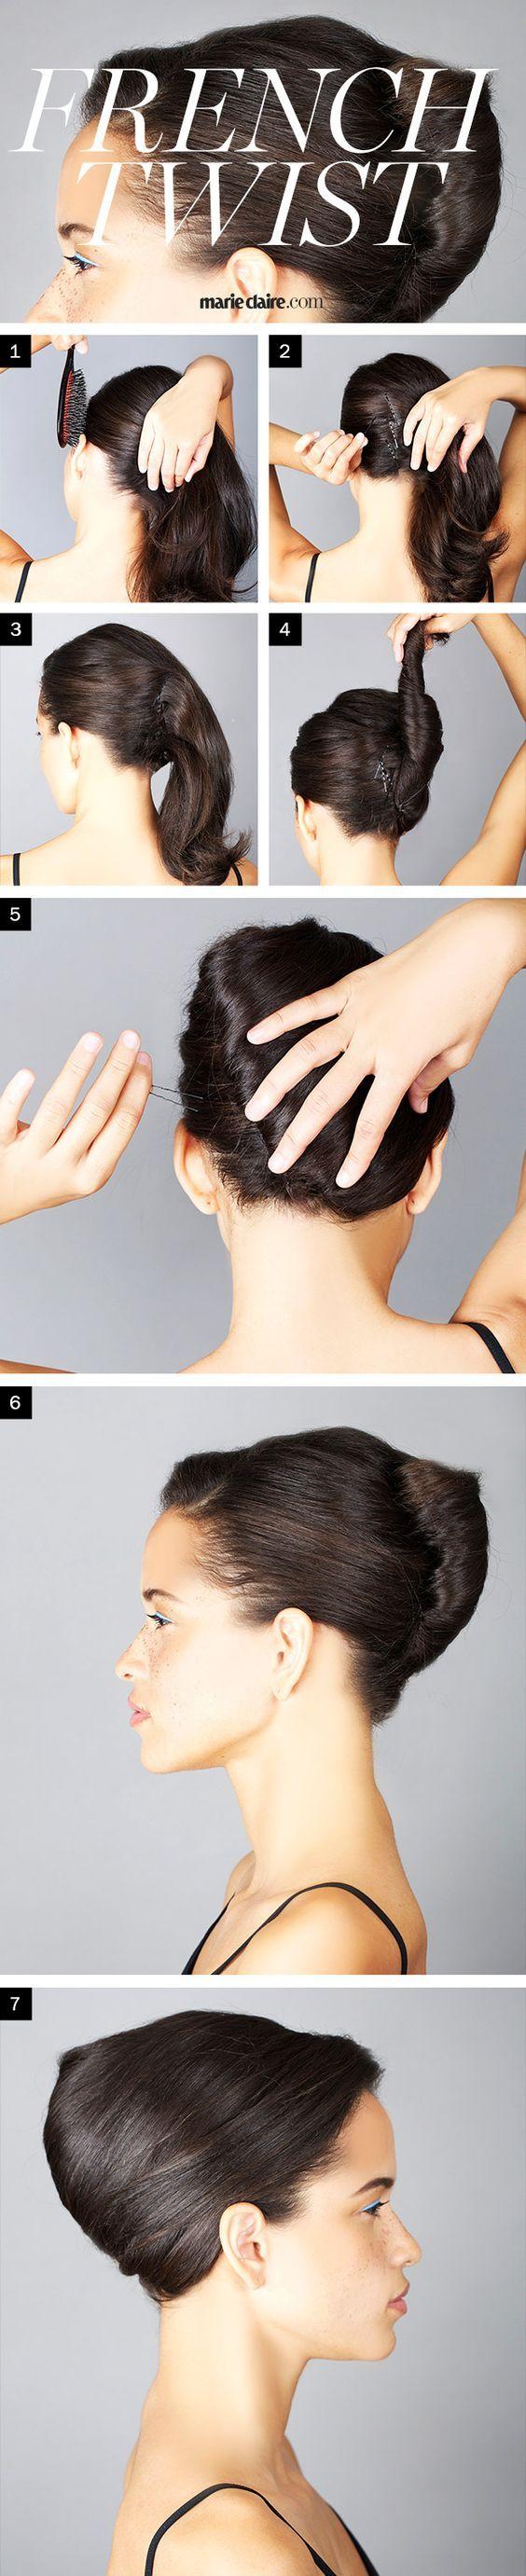 Audrey hepburn french twist hairstyle